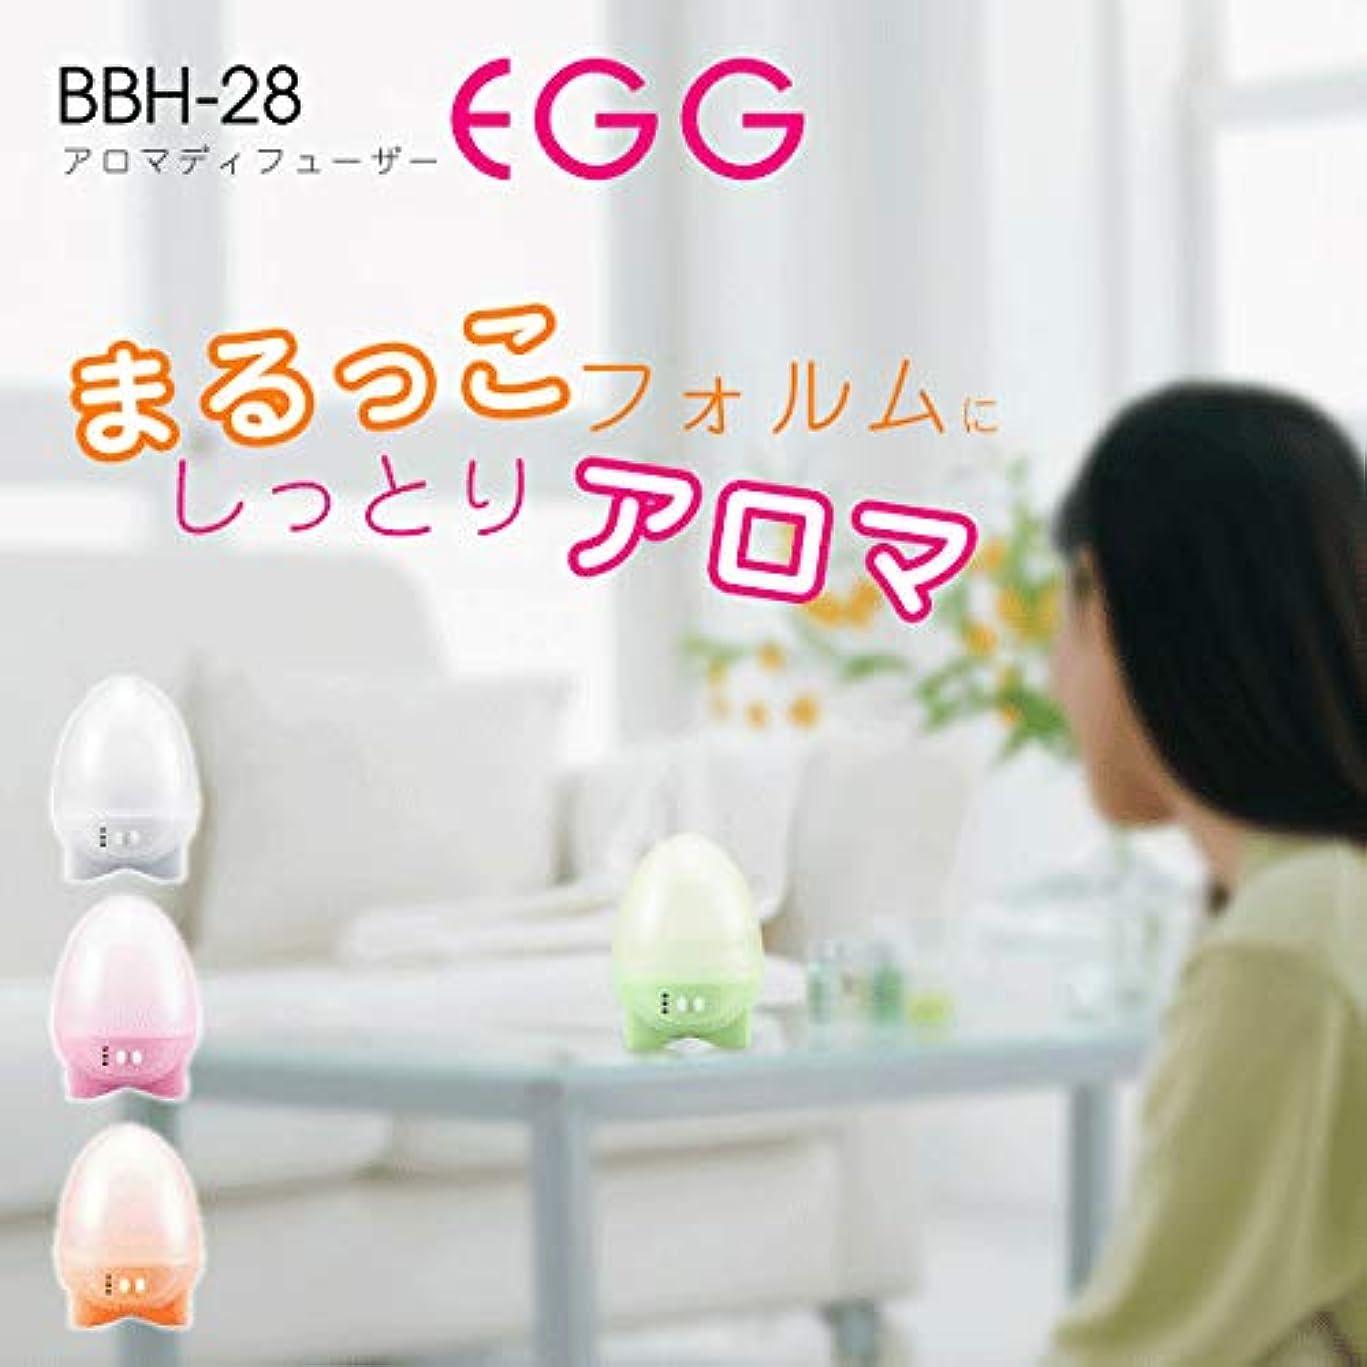 立ち寄る無力シャーロットブロンテPRISMATE(プリズメイト)アロマディフューザー Egg BBH-28 [在庫有]